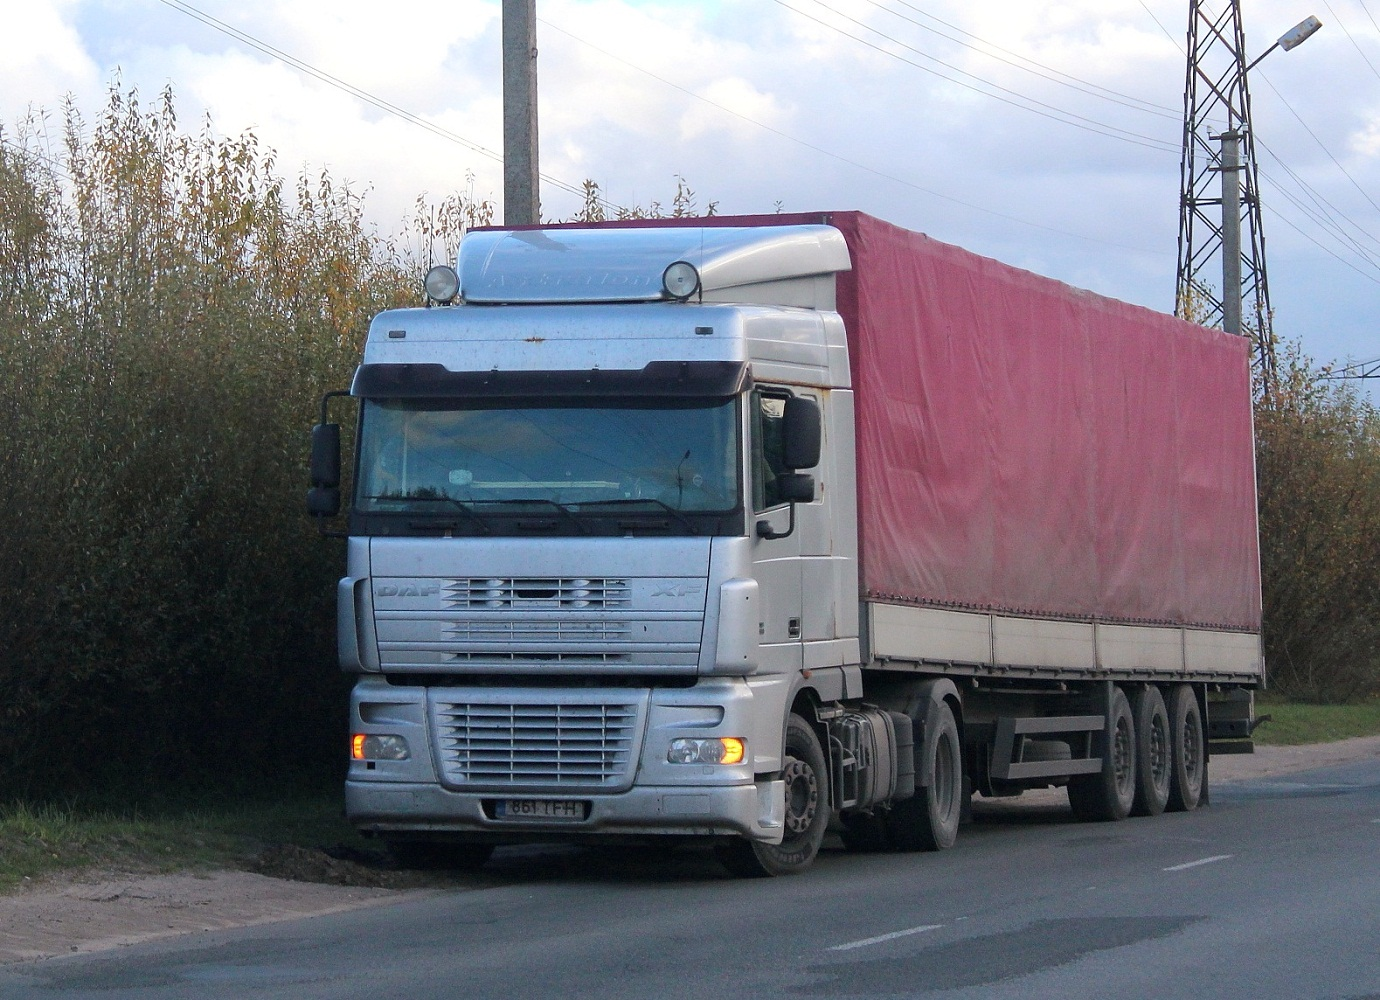 Седельный тягач DAF FT XF95 #861 TFH. Псков, Инженерная улица